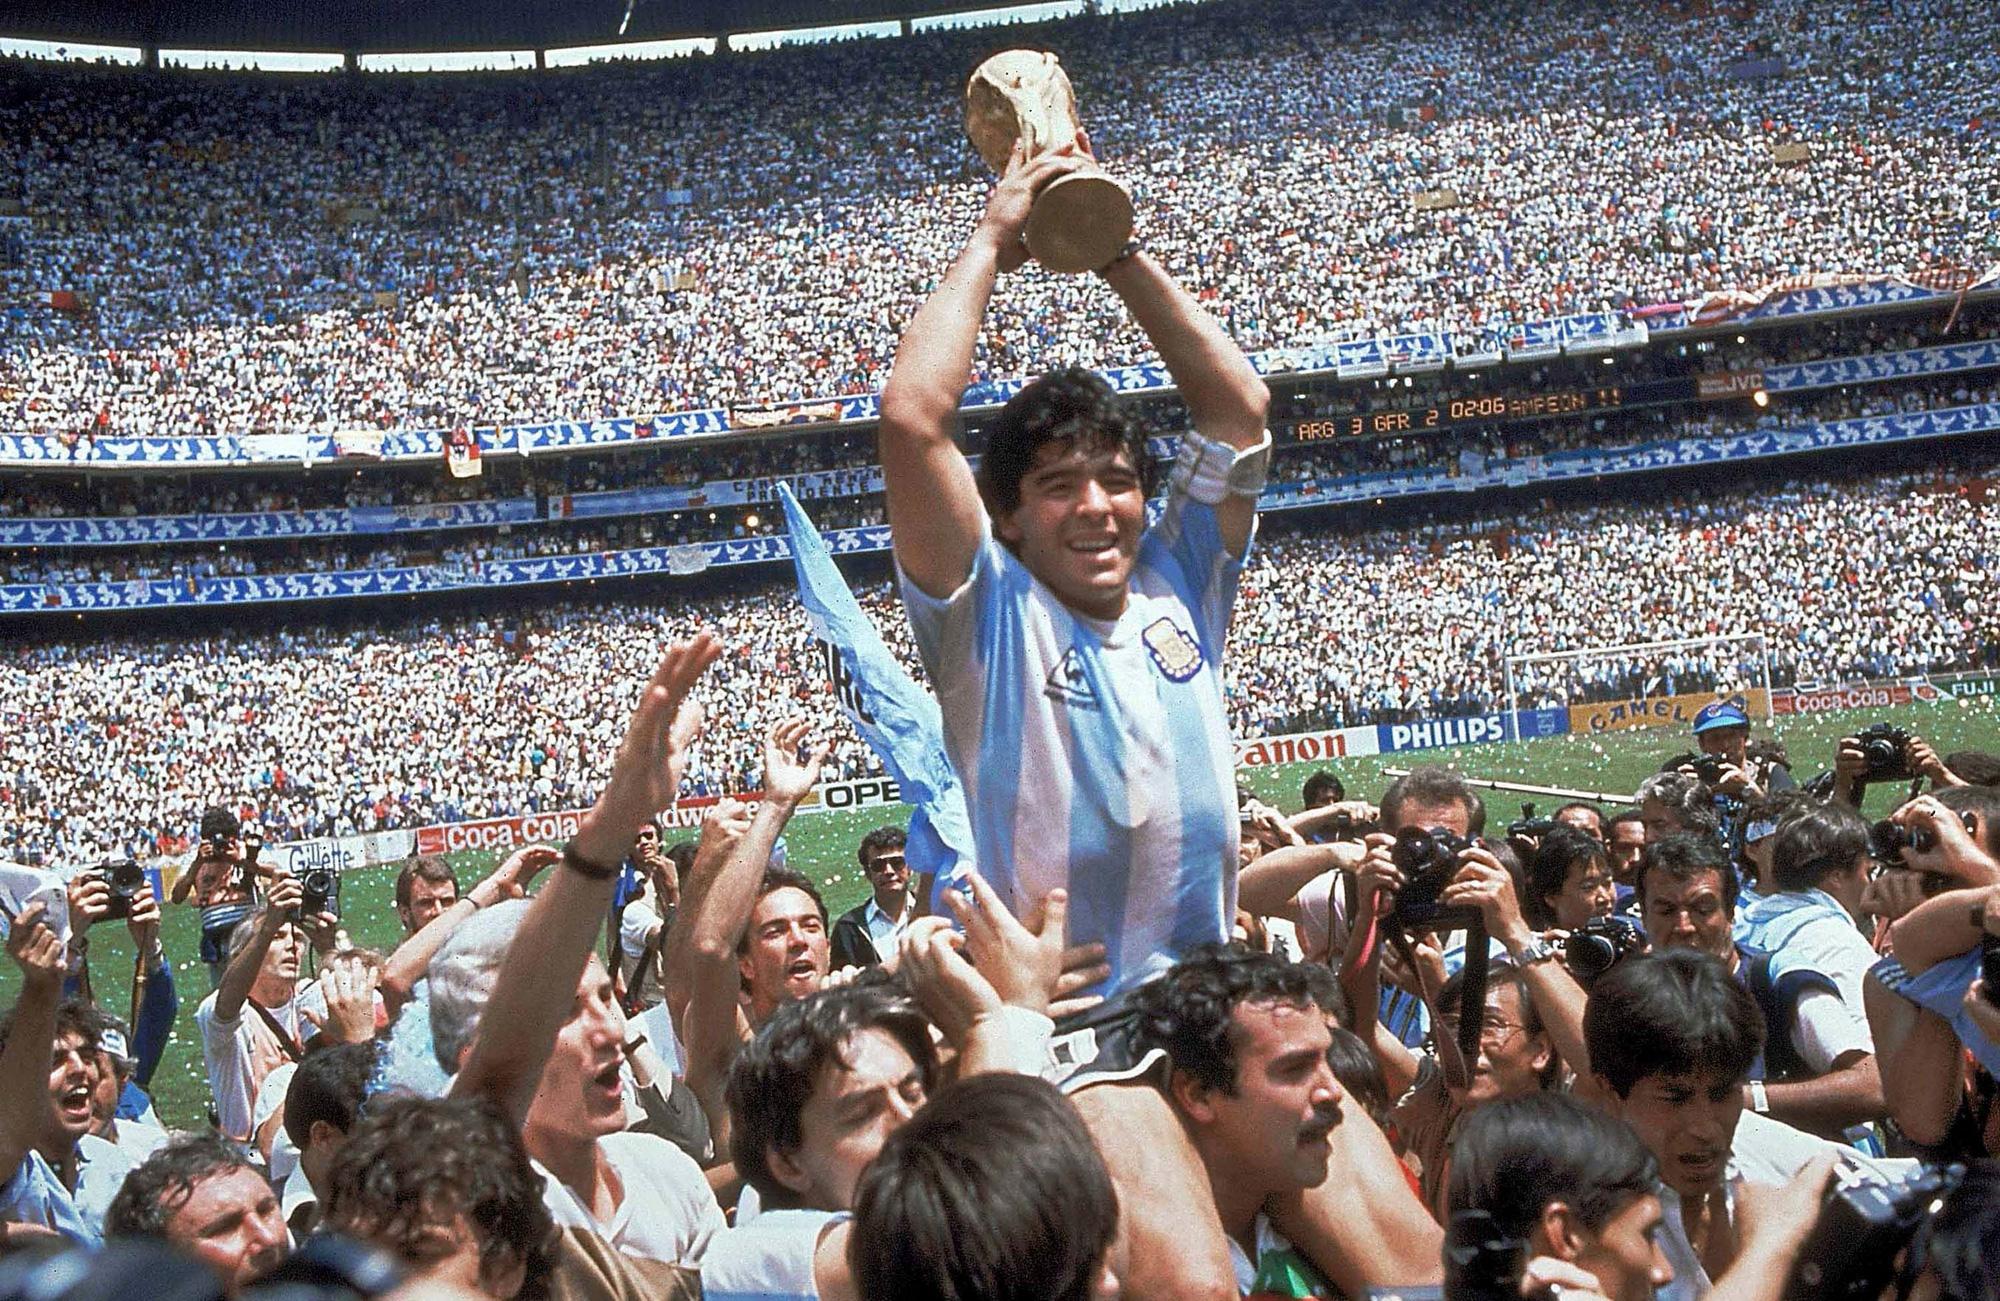 Cuộc đời Maradona qua ảnh: Đầy vinh quang nhưng cũng lắm tranh cãi - Ảnh 3.